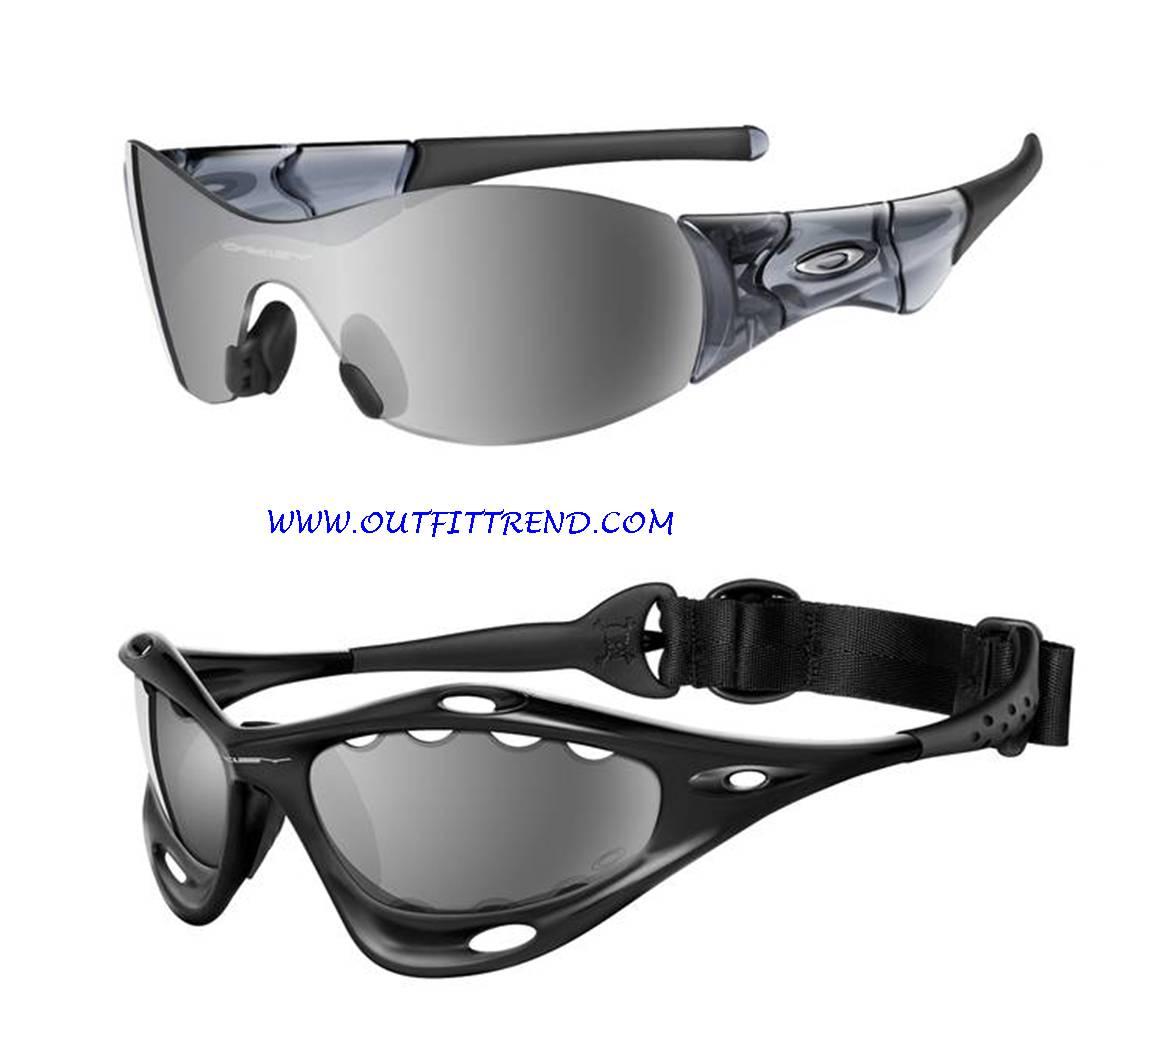 Best Oakley Sunglasses For Men For 2011